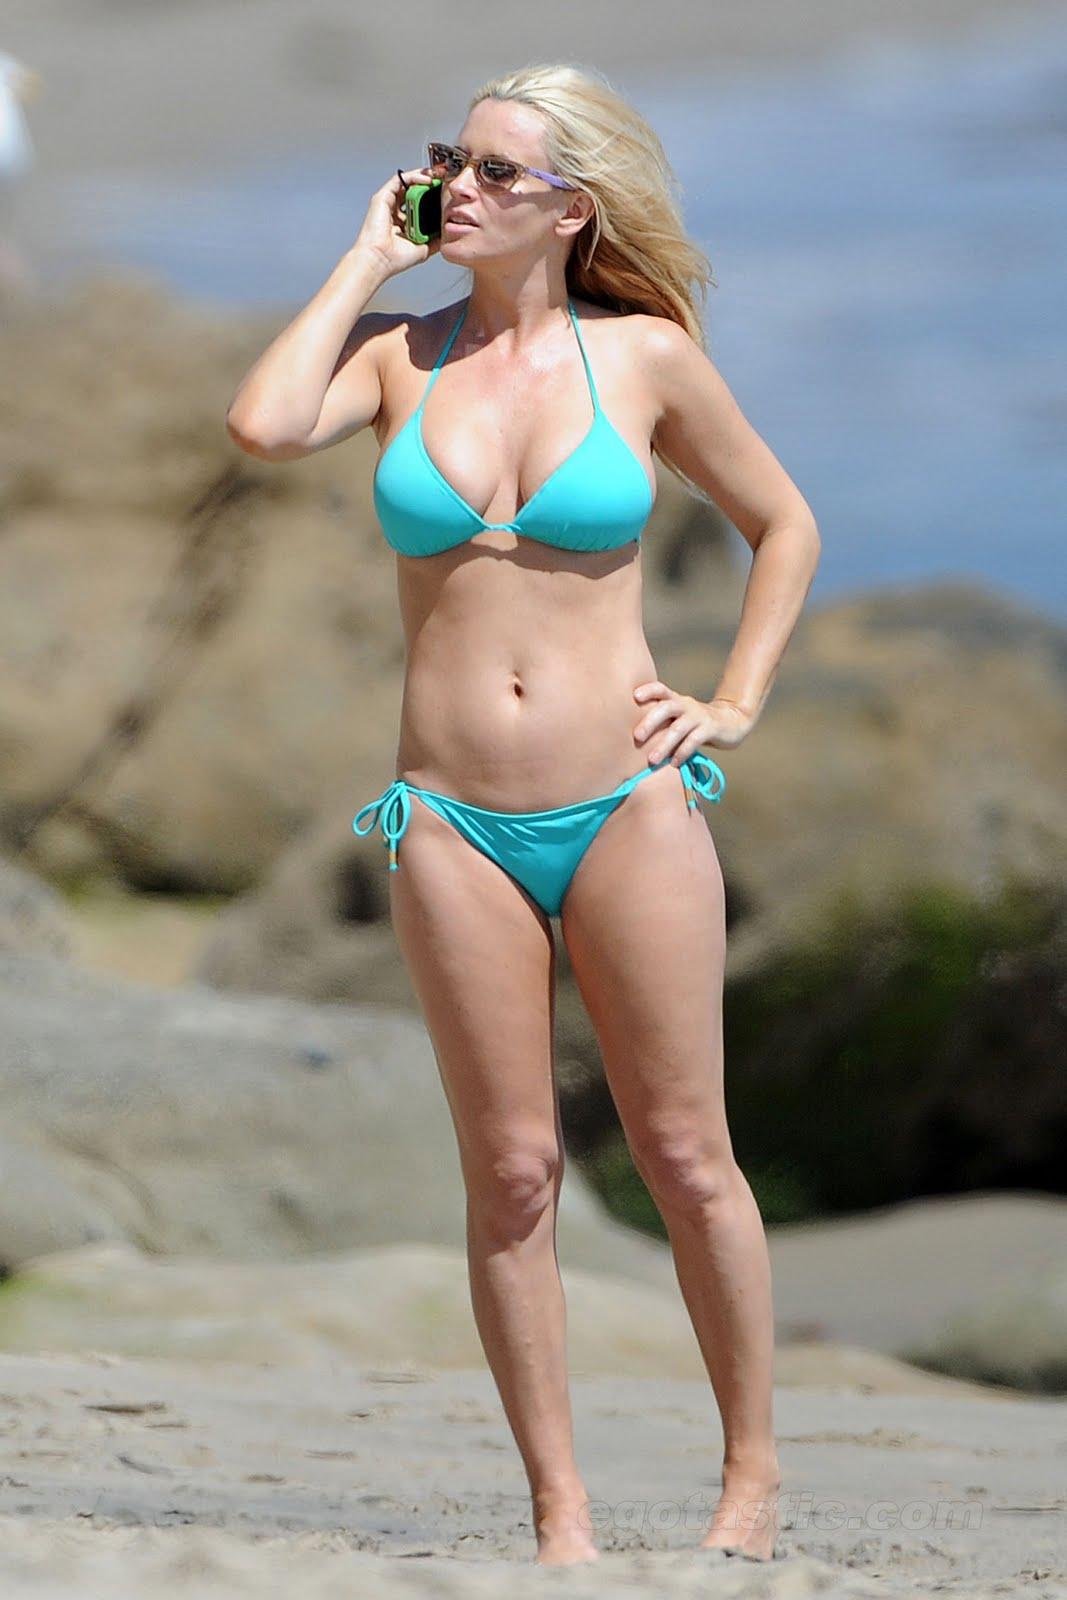 http://3.bp.blogspot.com/-PkVQMq7Xo4M/TmpVji6sbwI/AAAAAAAAHB4/gPcmpA-nFPw/s1600/jenny-mccarthy-bikini-malibu-08.jpg